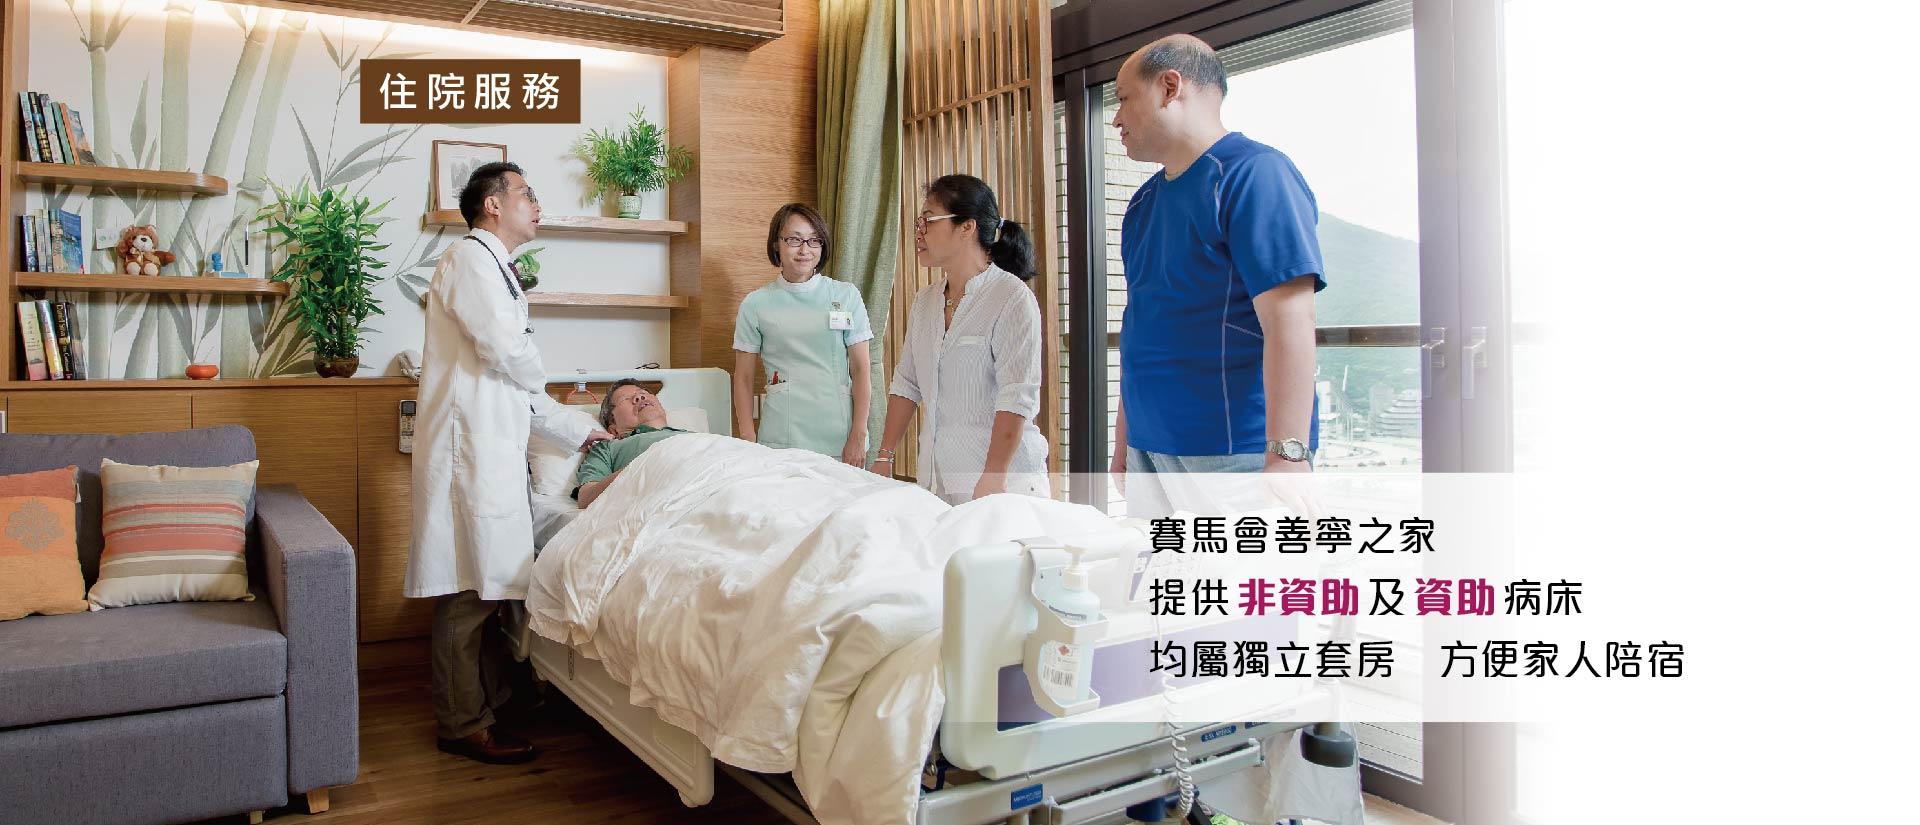 賽馬會善寧之家的住院服務